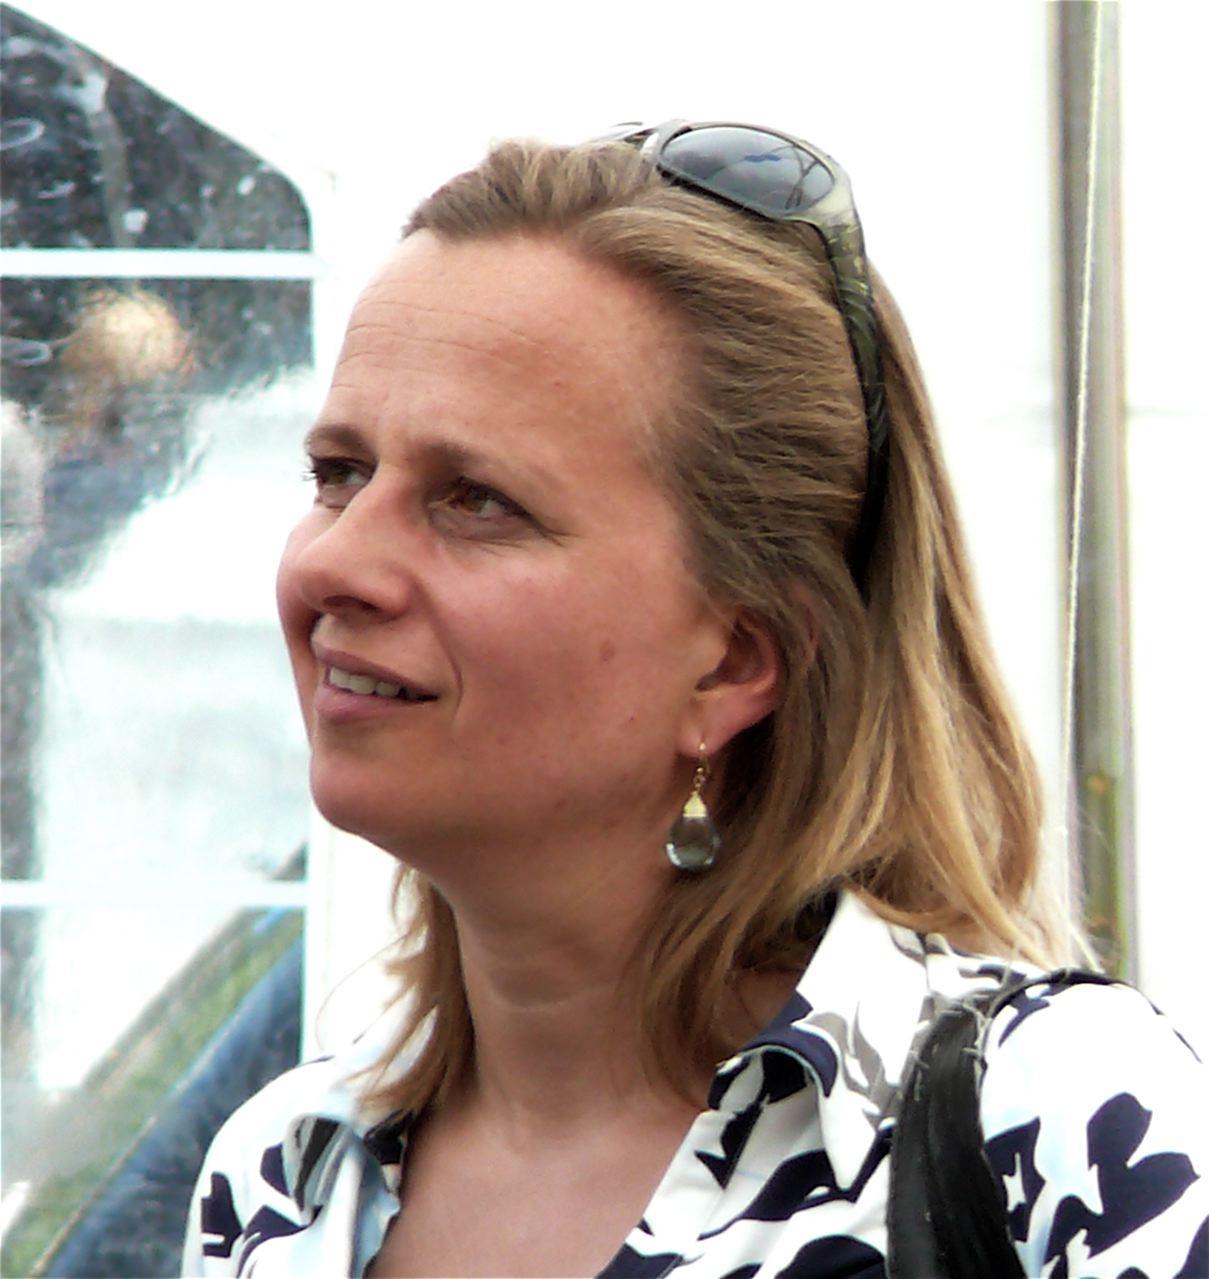 Louse Wies Sija Anne Lilly Berthe van der Laan net worth